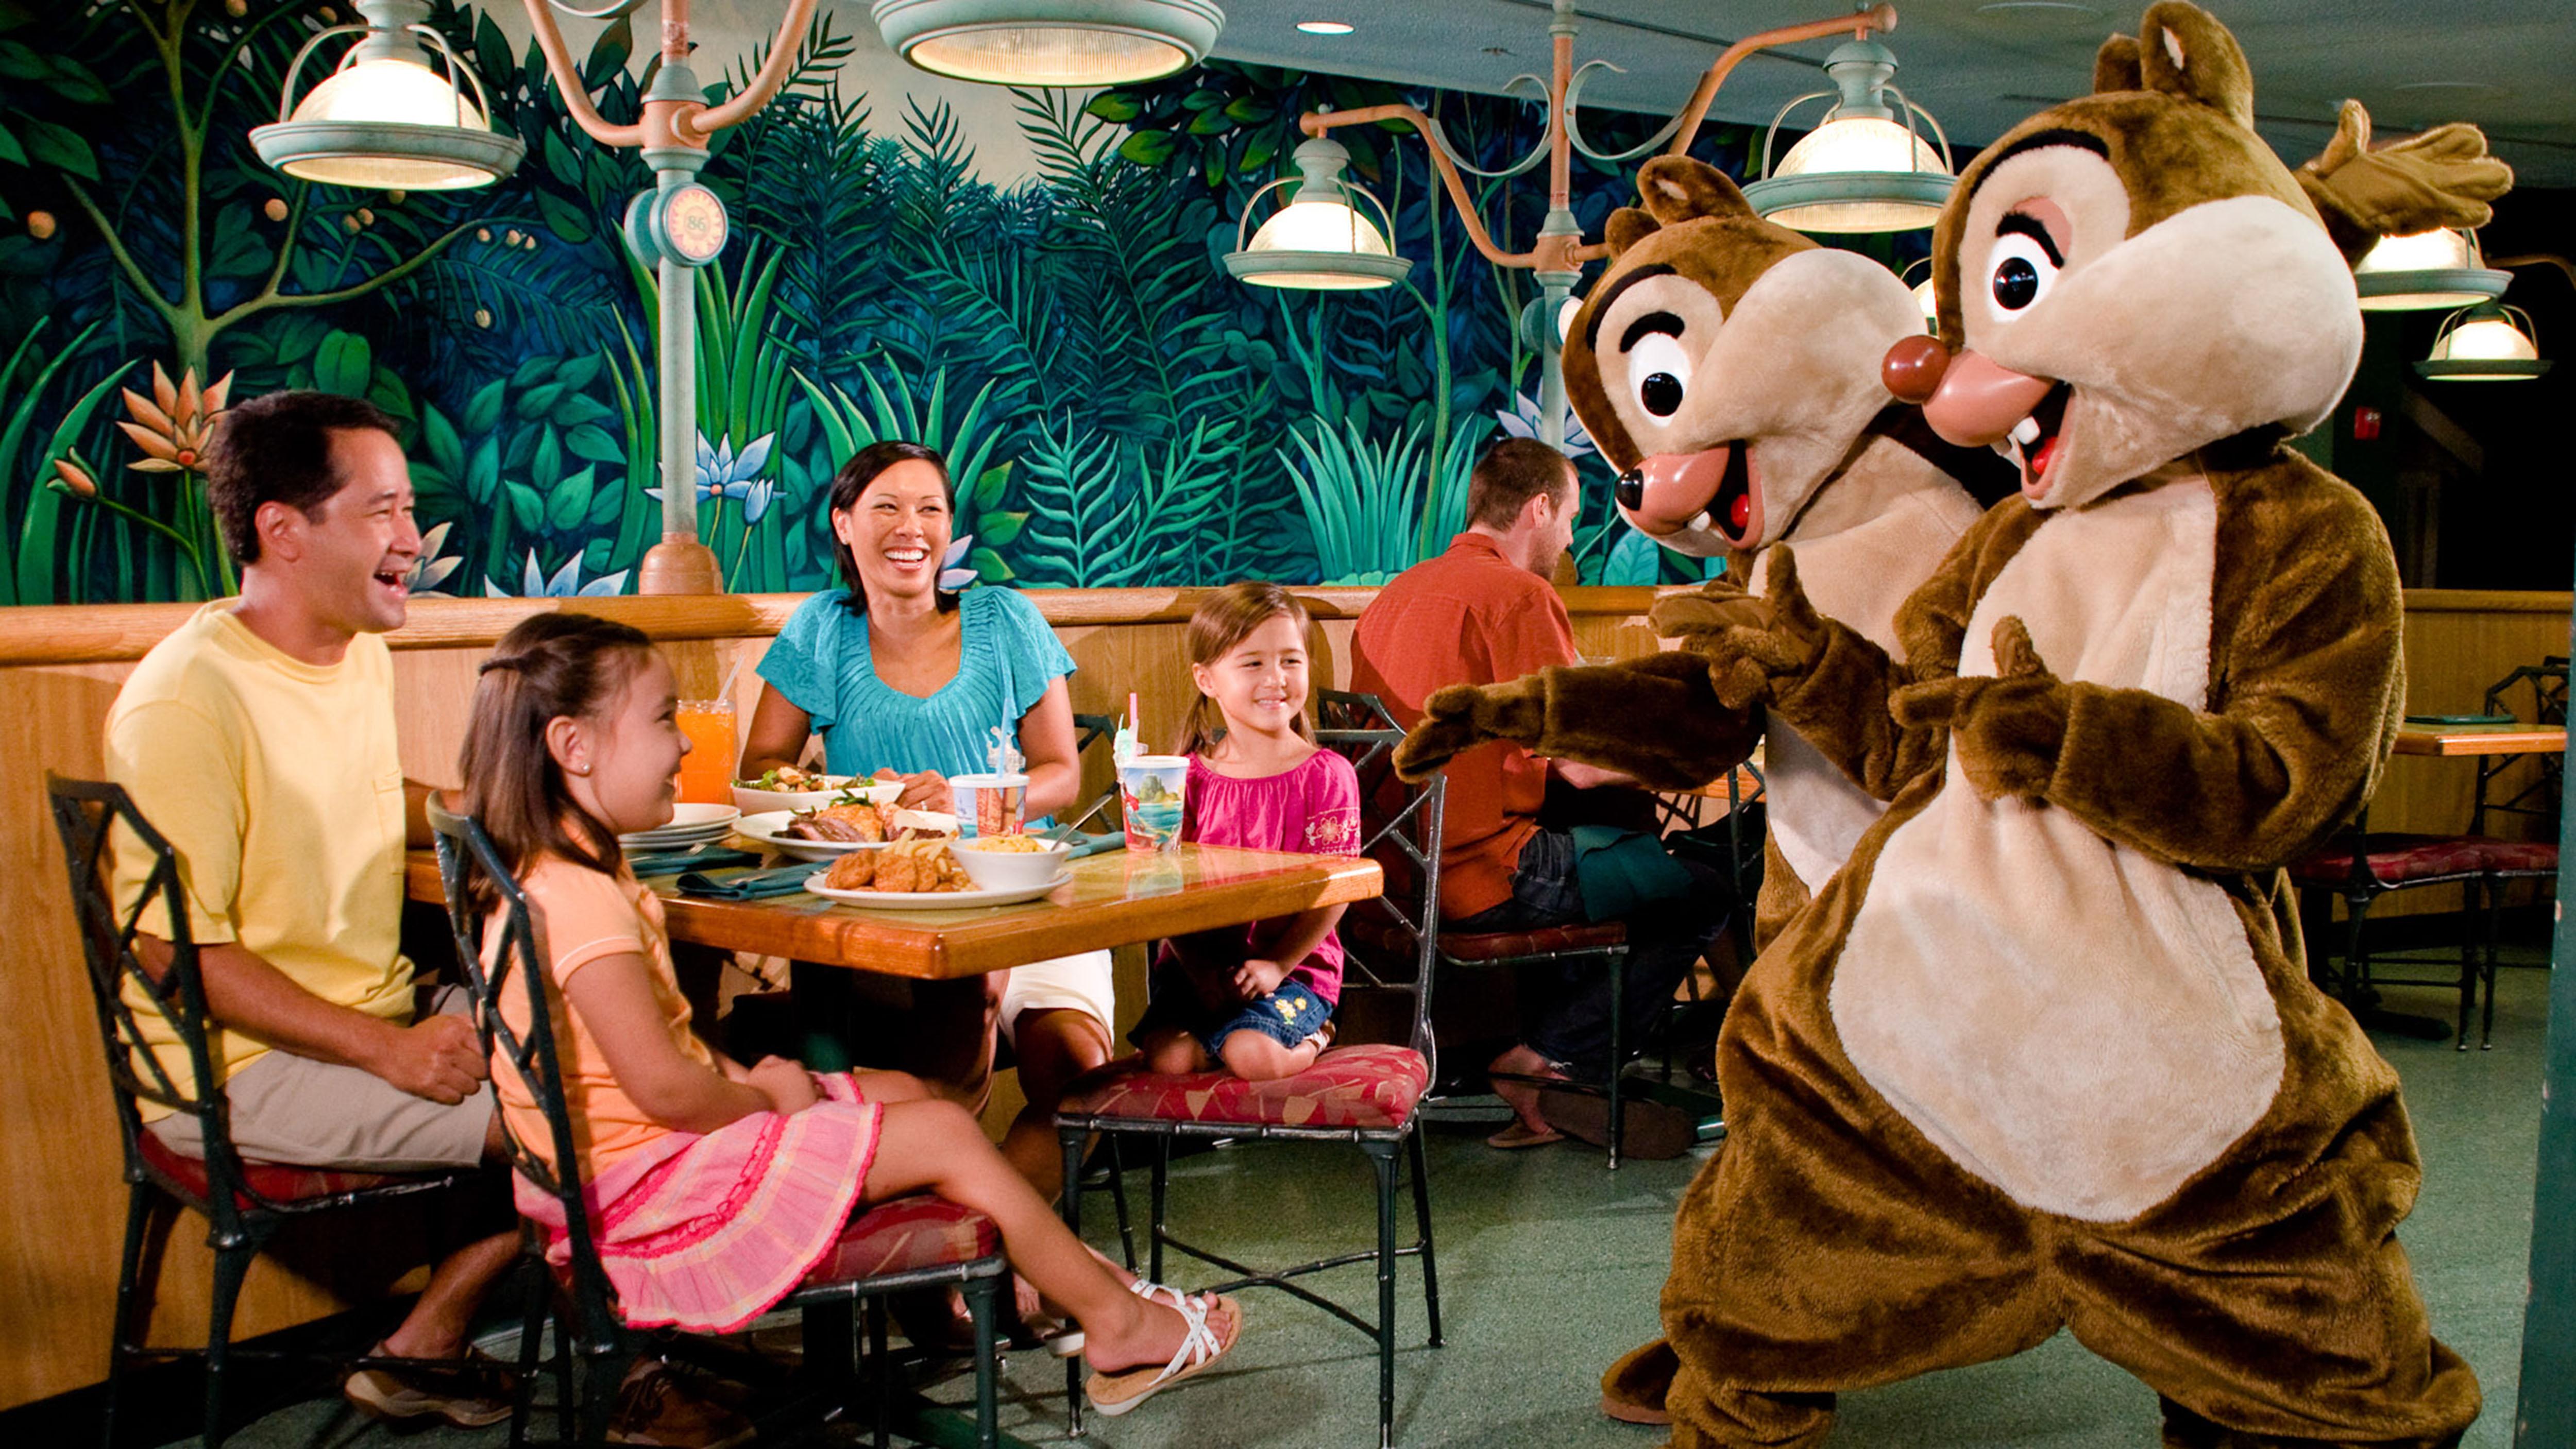 Crianças sentadas na mesa do restaurante estão cercada por seus pais e os personagens Tico e Teco